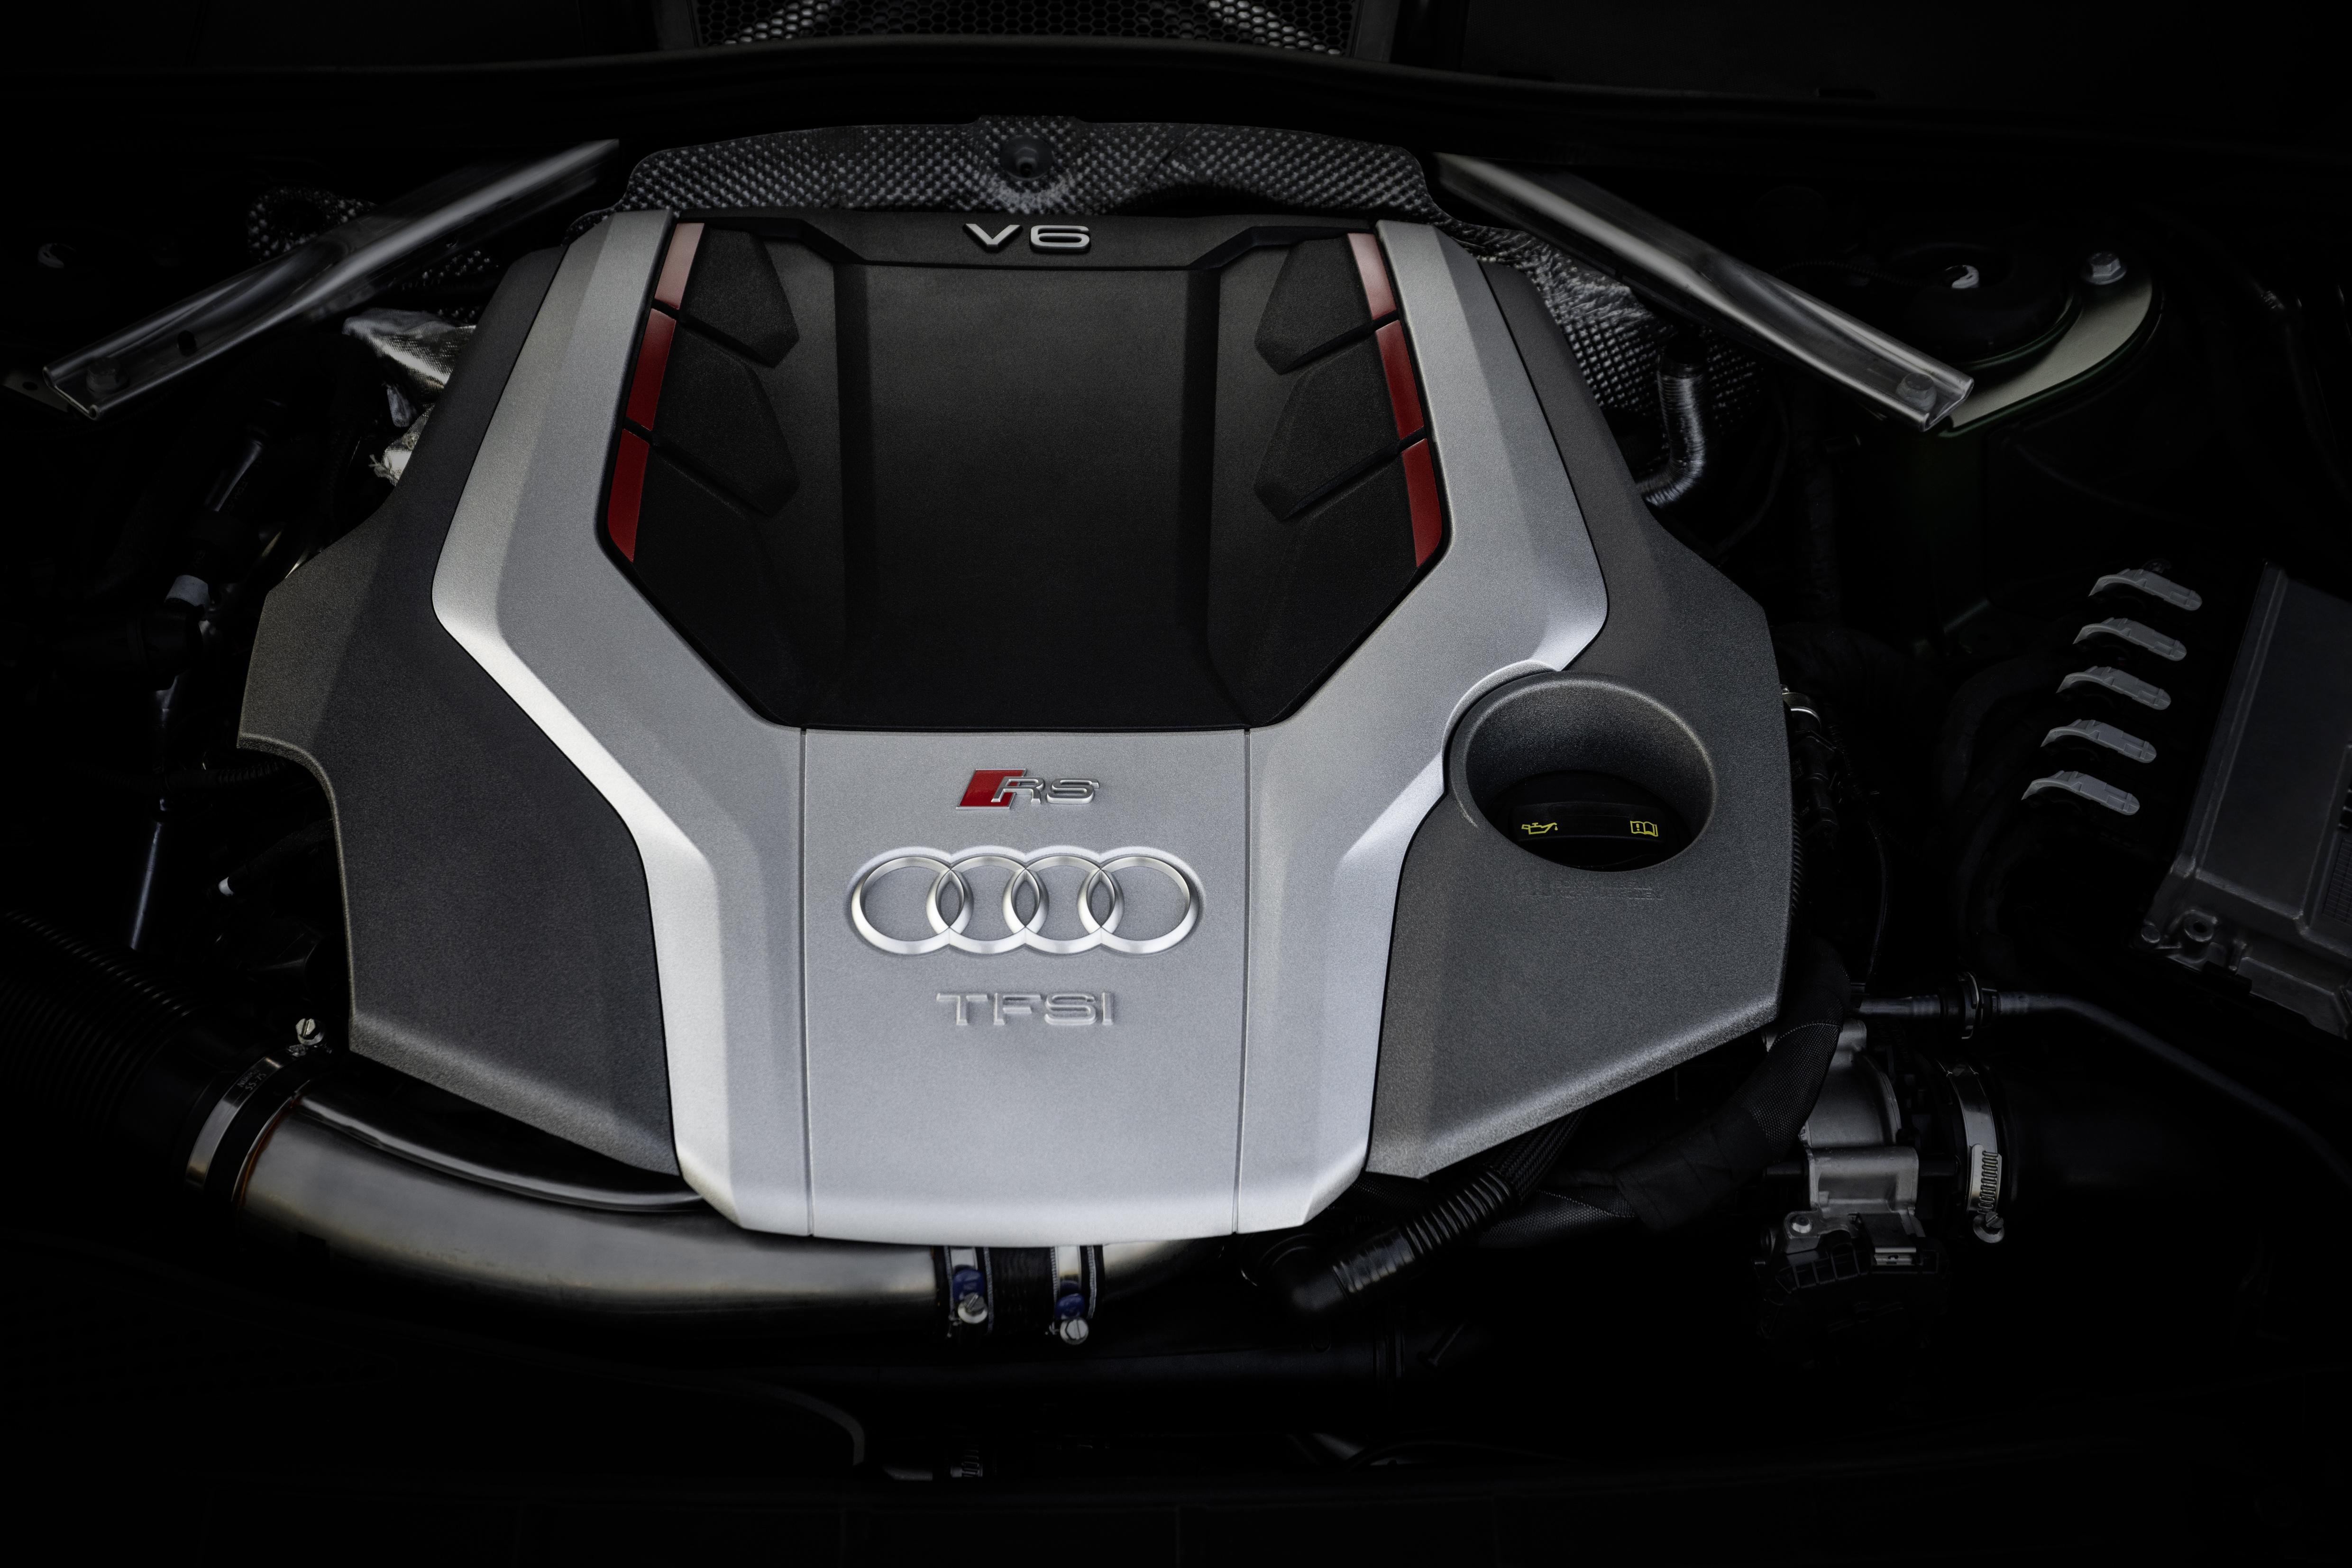 2,9 Liter Hubraum, zwei Turbolader und 450 PS - das ist der V6-Motor, der den RS 5 so schnell macht.